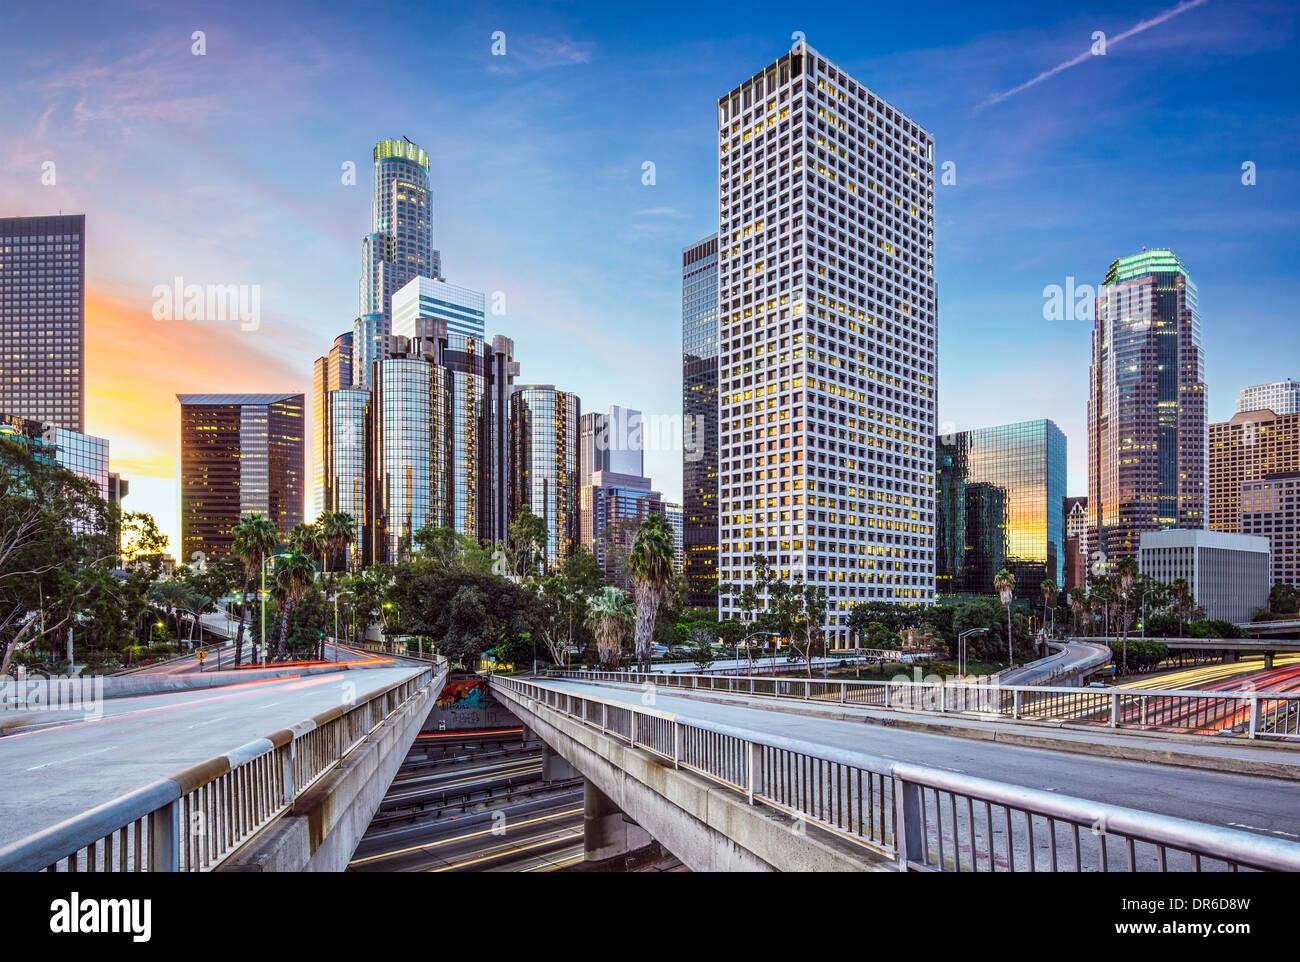 Los Angeles, California, USA la mattina presto il centro città. Immagini Stock